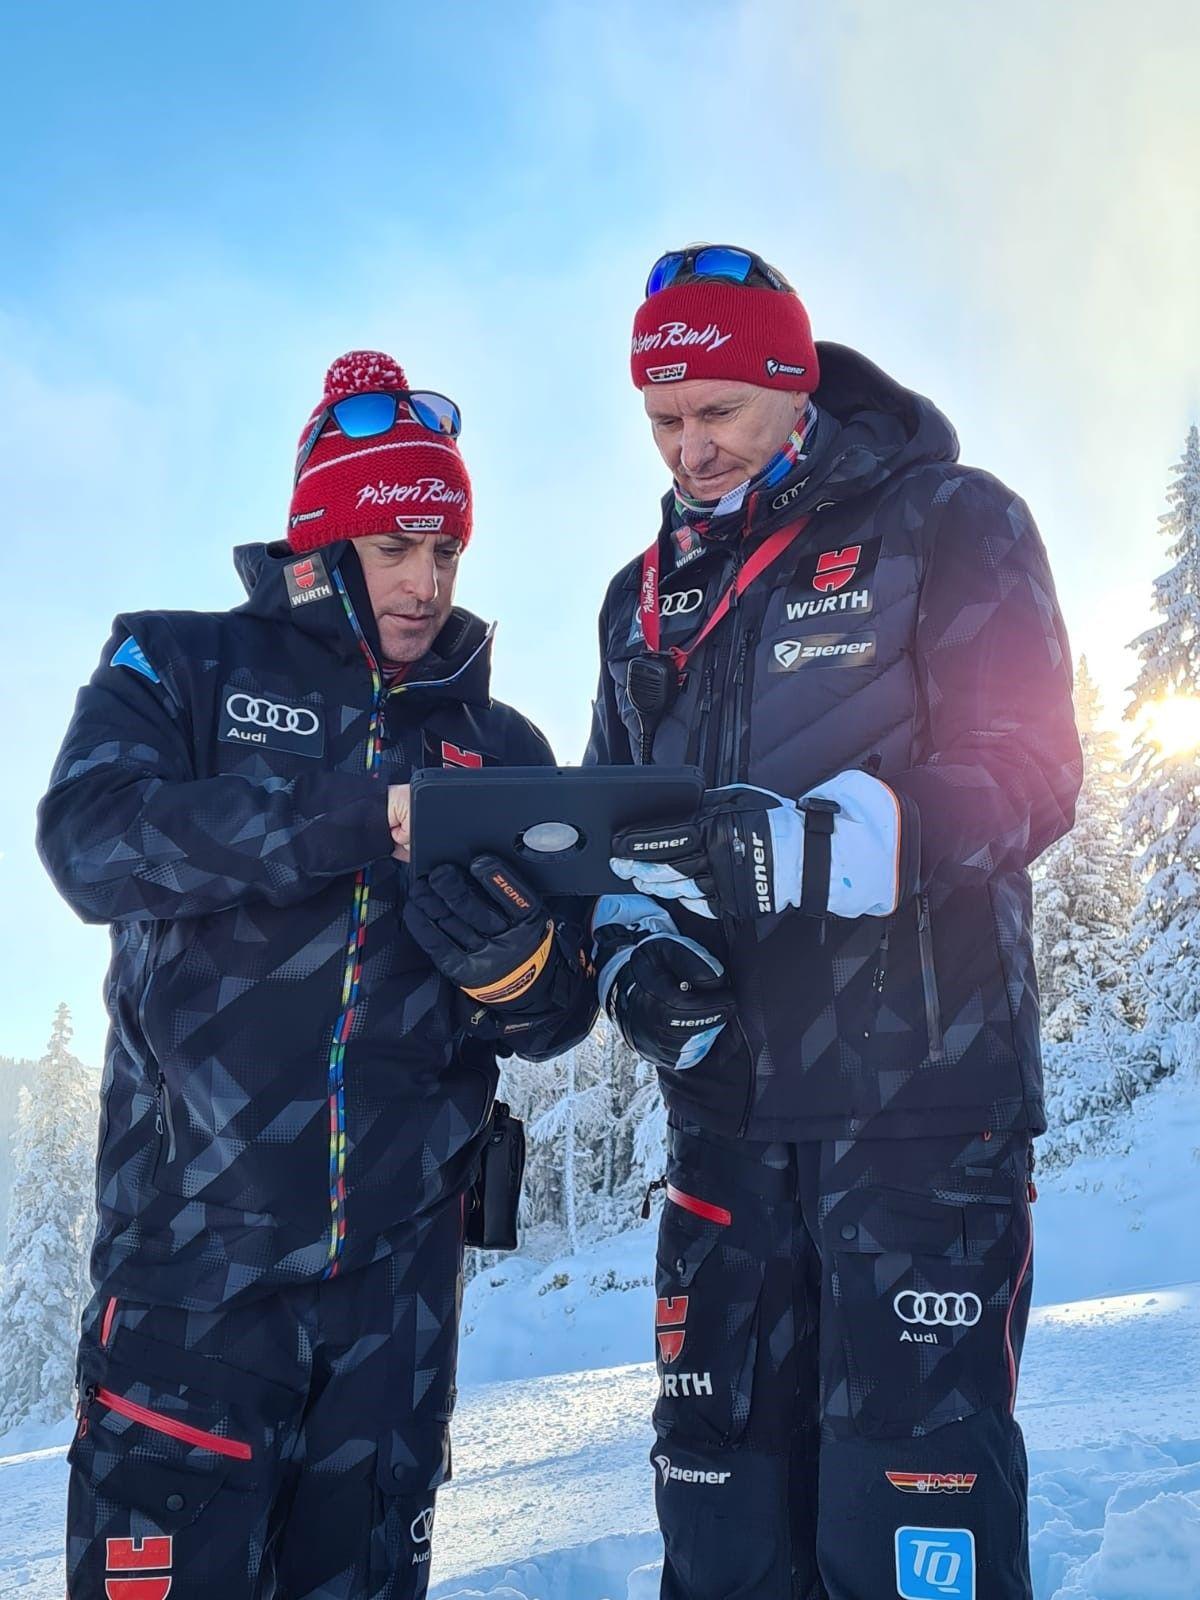 Kässbohrer PistenBully Sponsoring: DSV Trainer Ski Alpin